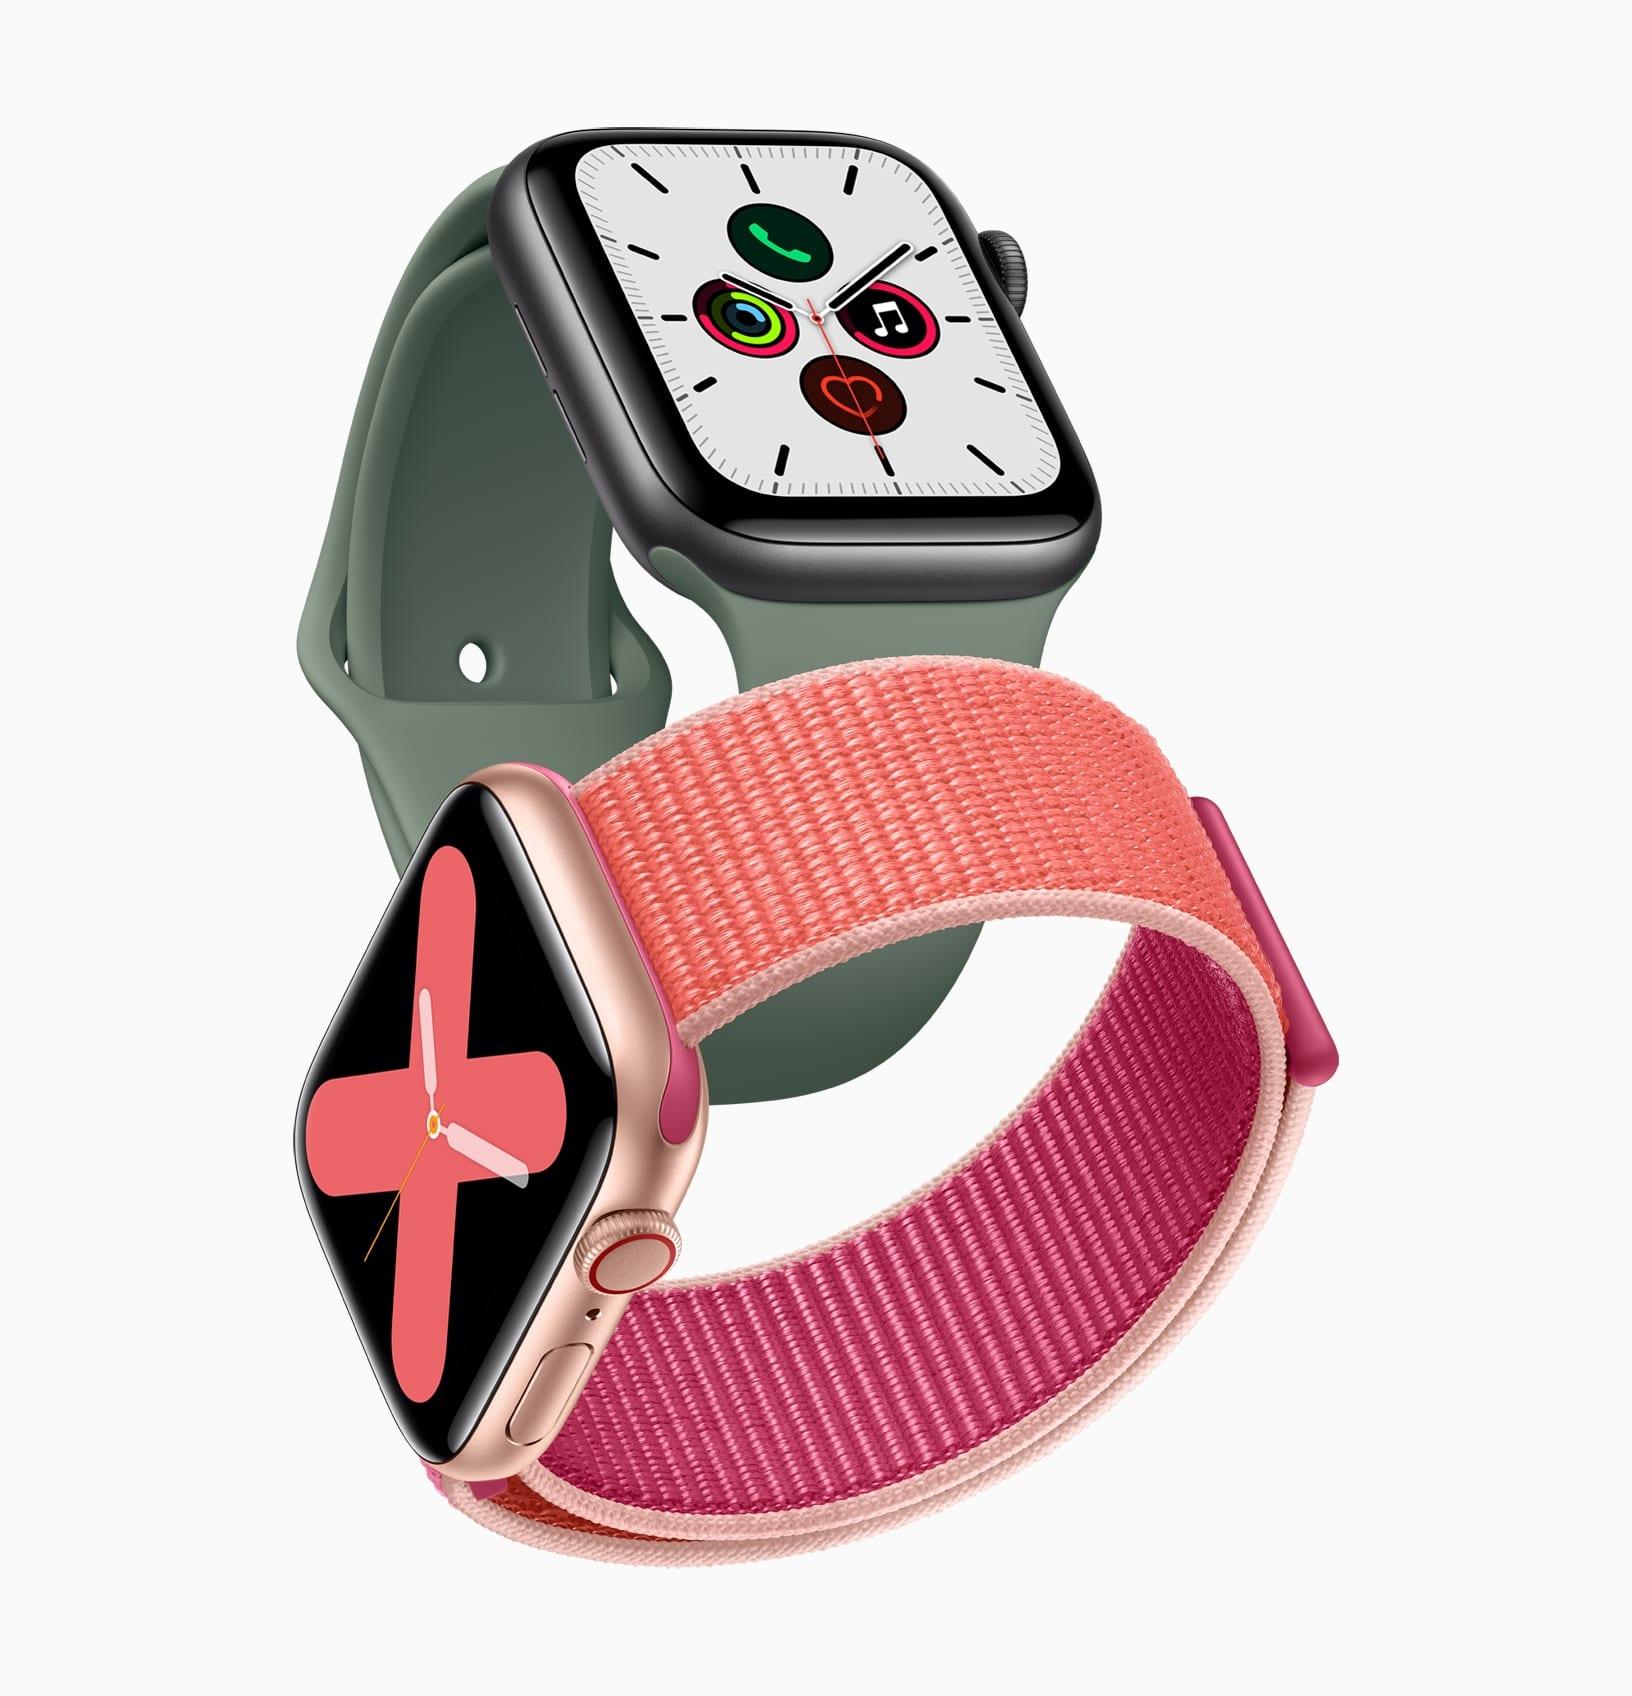 body - Apple Watch majú podľa zákazníkov problém s batériou